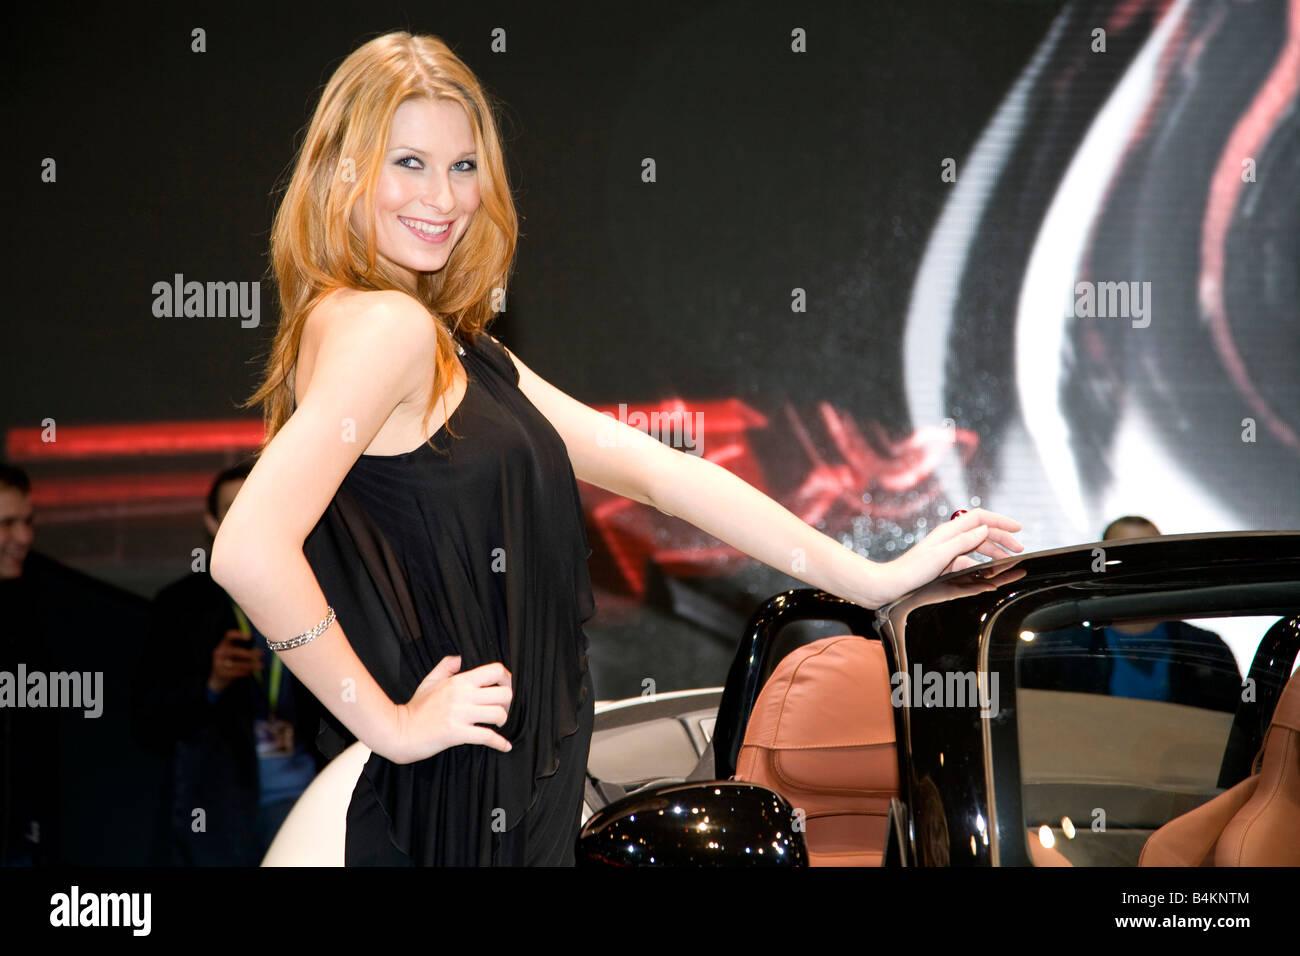 Alpha Romeo Gastgeberin zeigen Mädchen 2008 Mondial De L'Auotomobile. Motor Show Stockbild